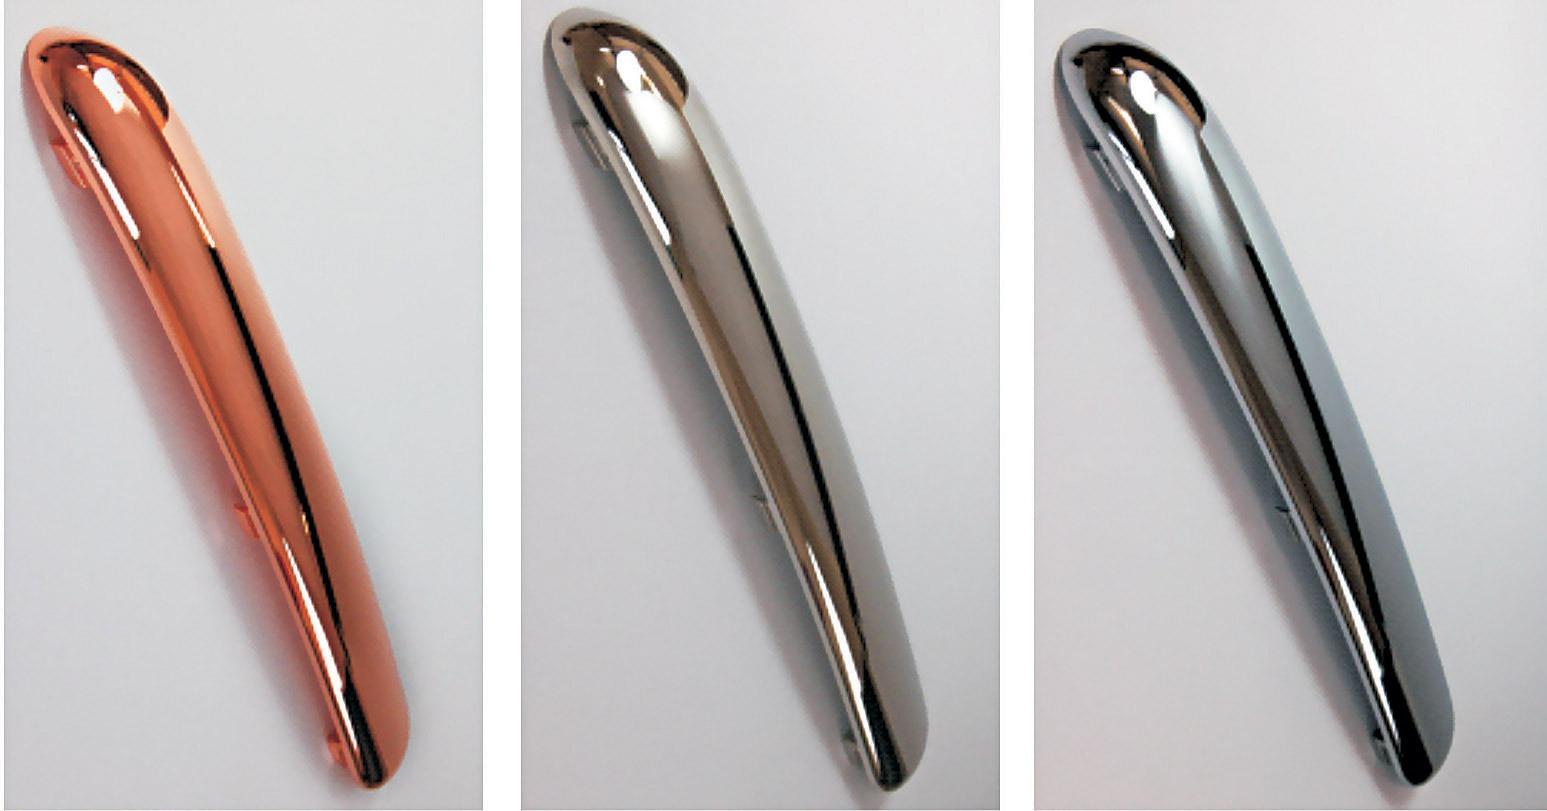 Química e Derivados - Metalização de maçaneta automotiva, a partir da esq.: peça pré-tratada; com camada de cobre; de níquel; e de cromo - Fonte: Atotech